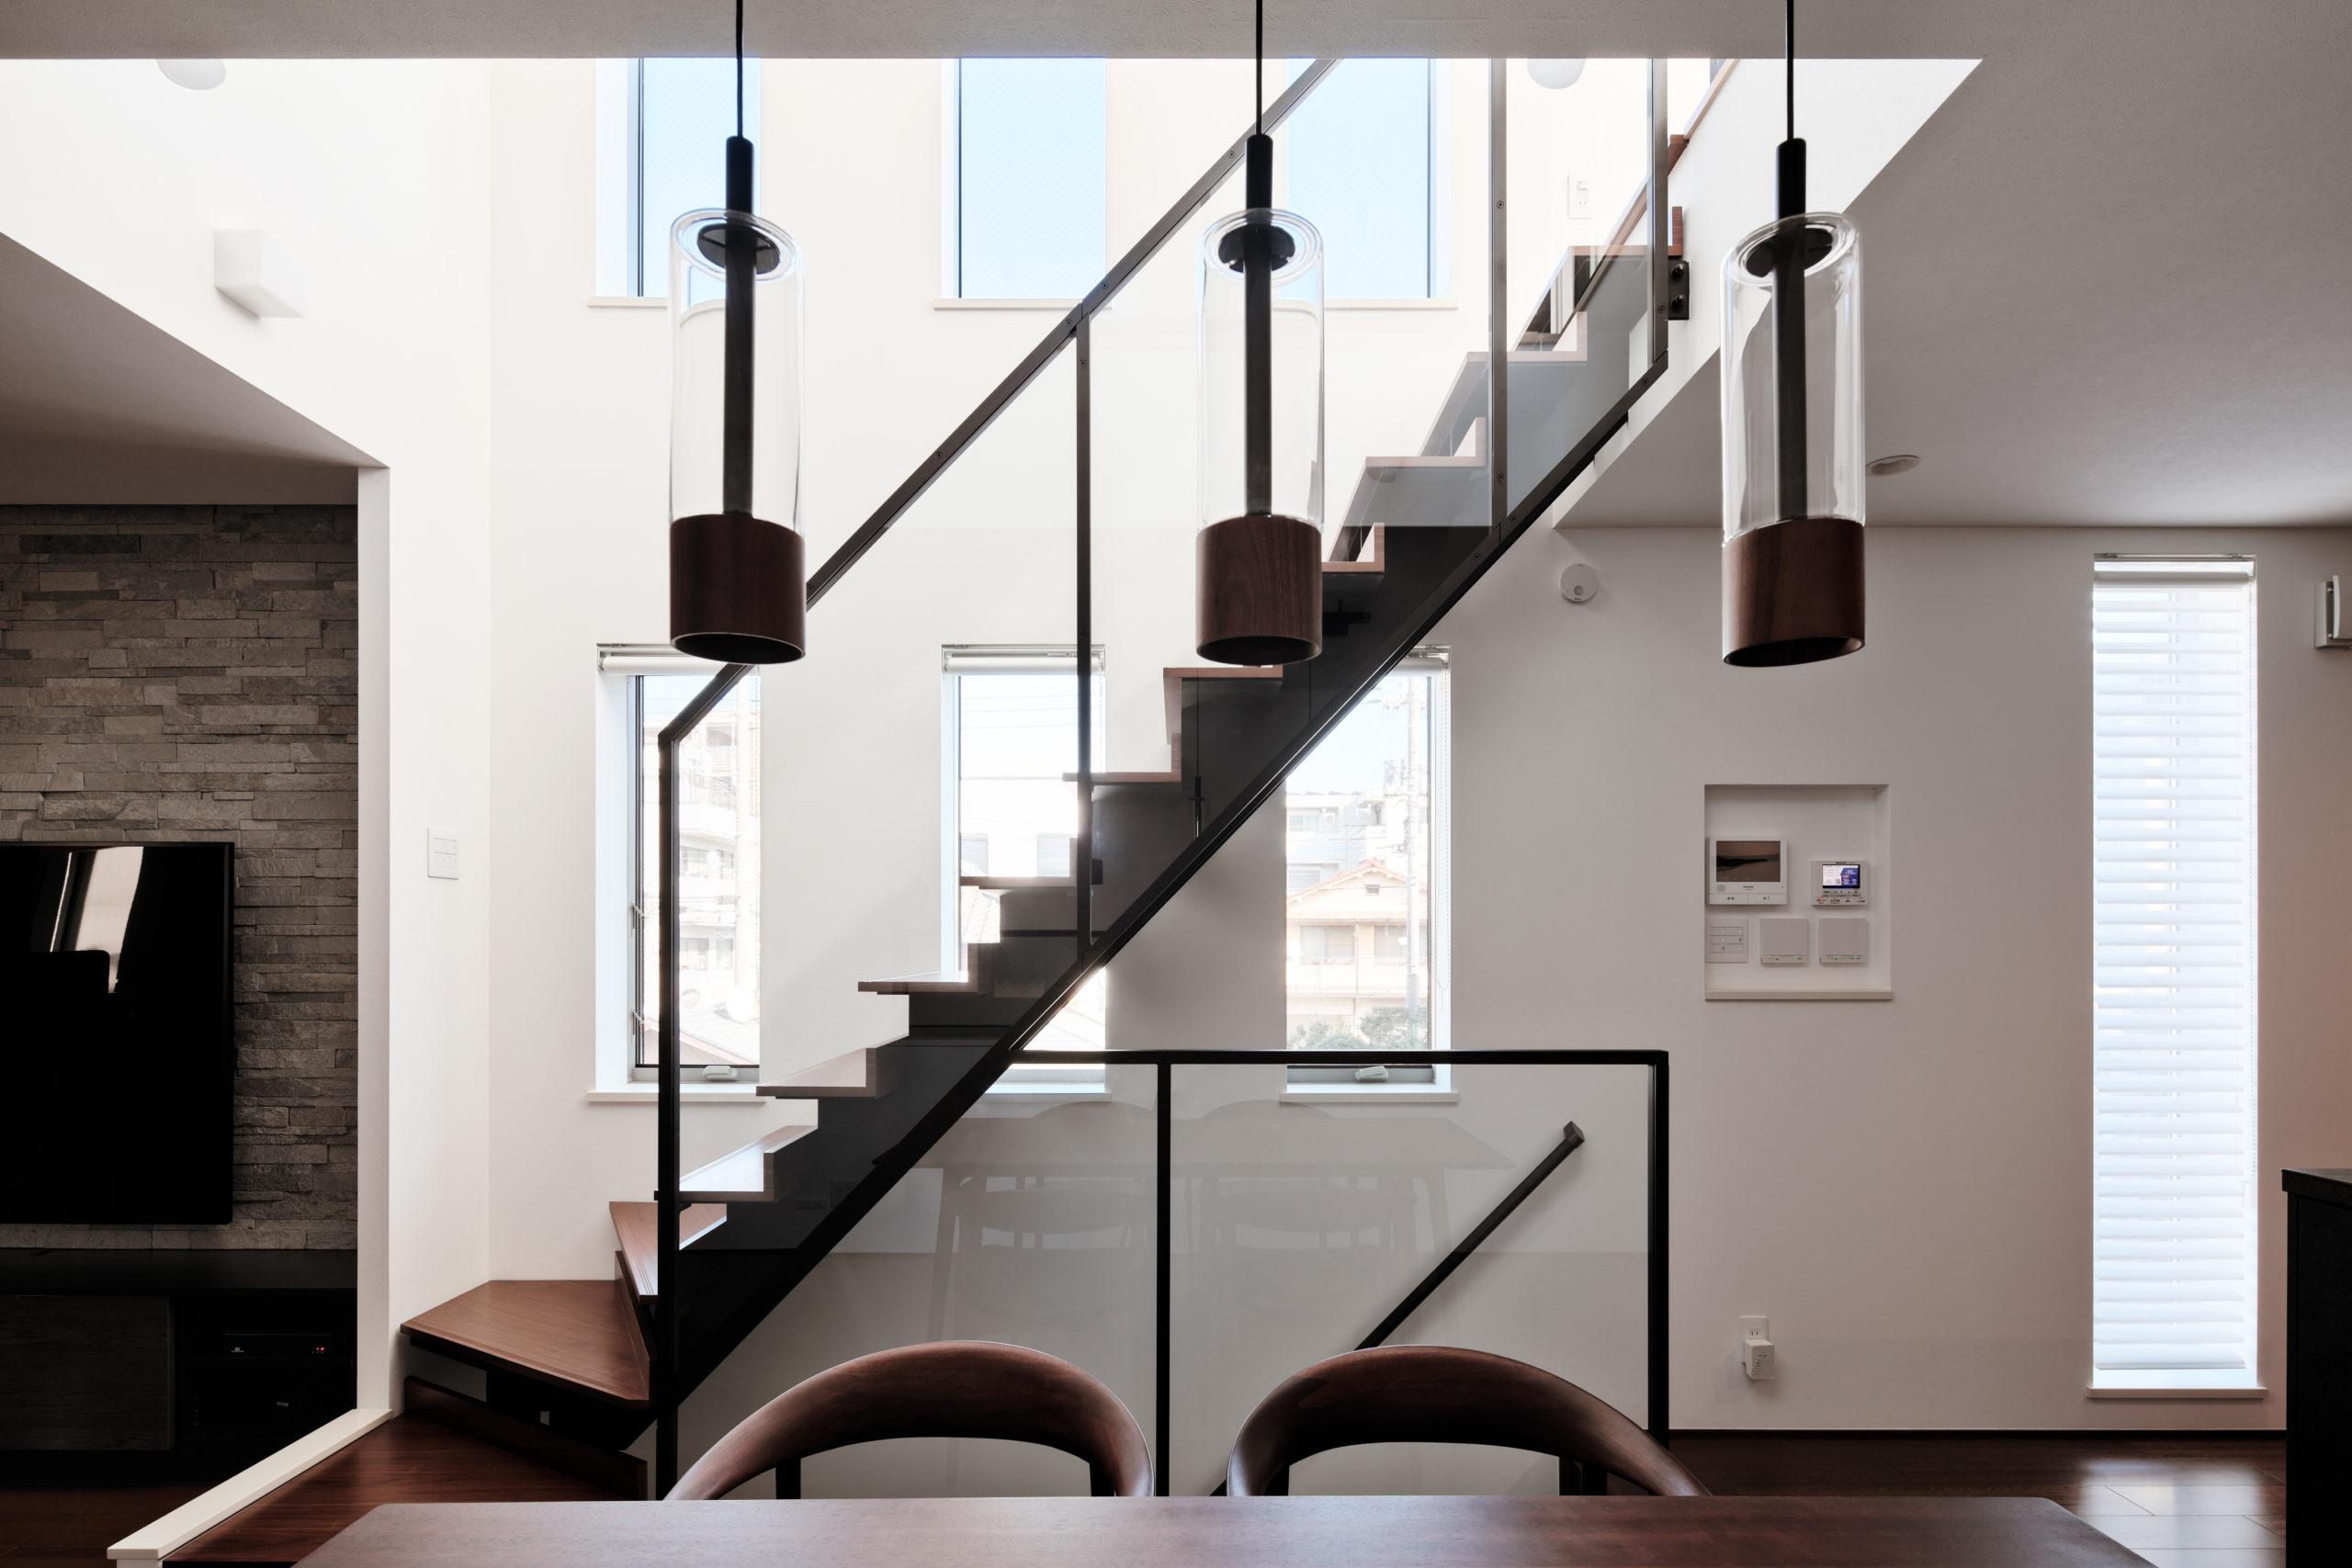 建築・家具・照明の全てに統一感があります